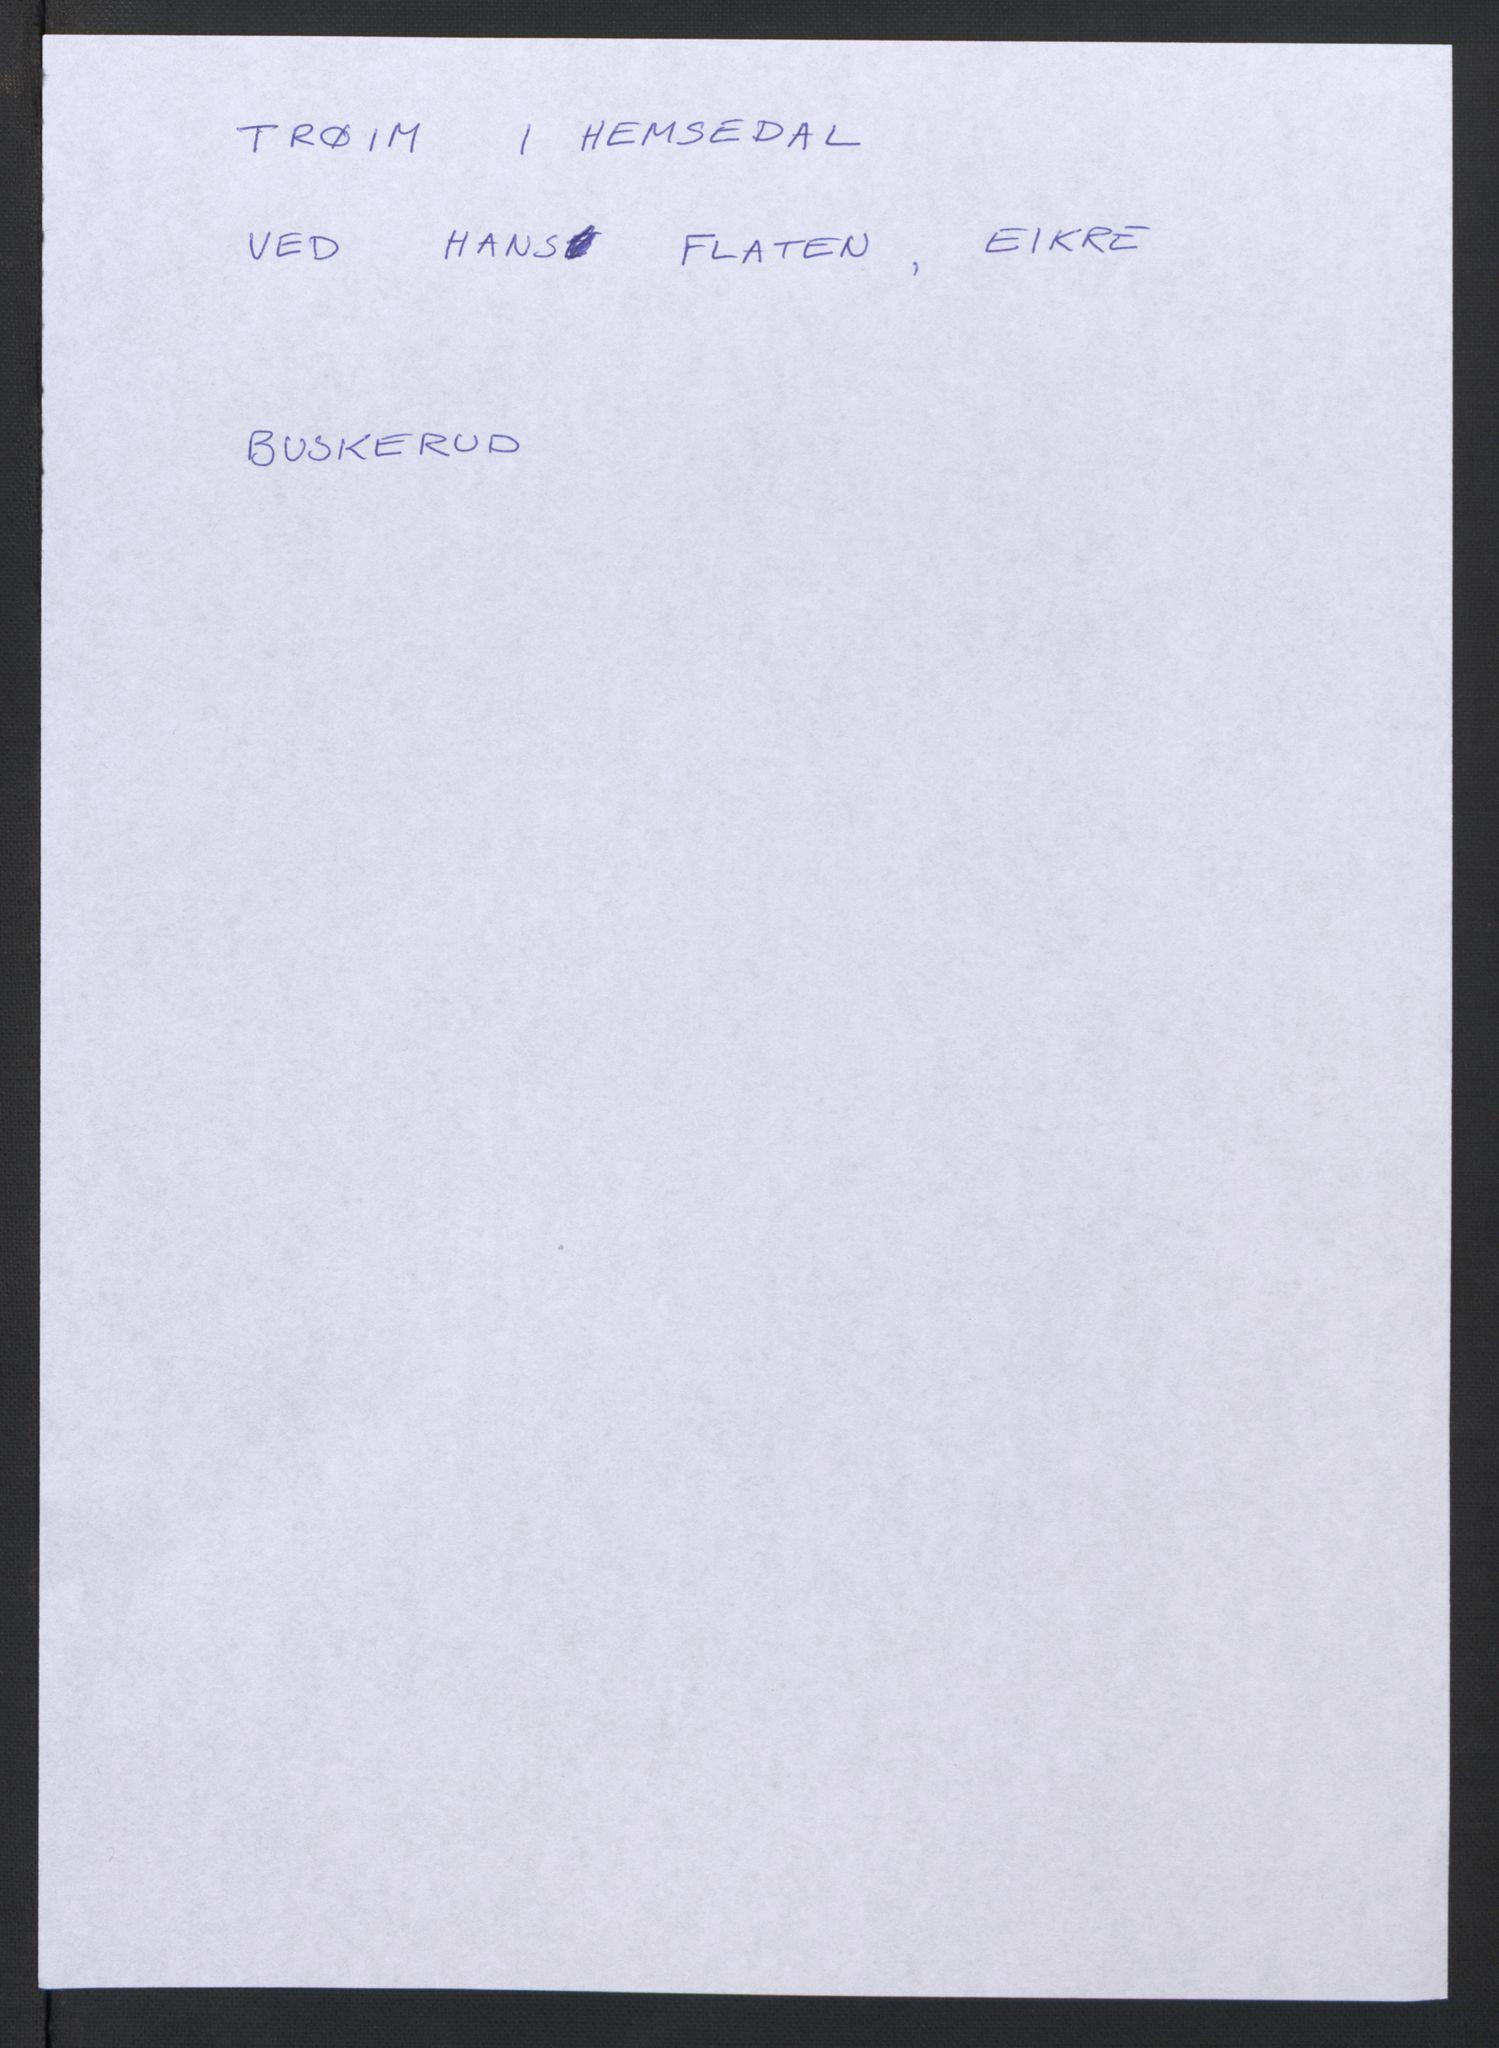 RA, Samlinger til kildeutgivelse, Diplomavskriftsamlingen, s. 1